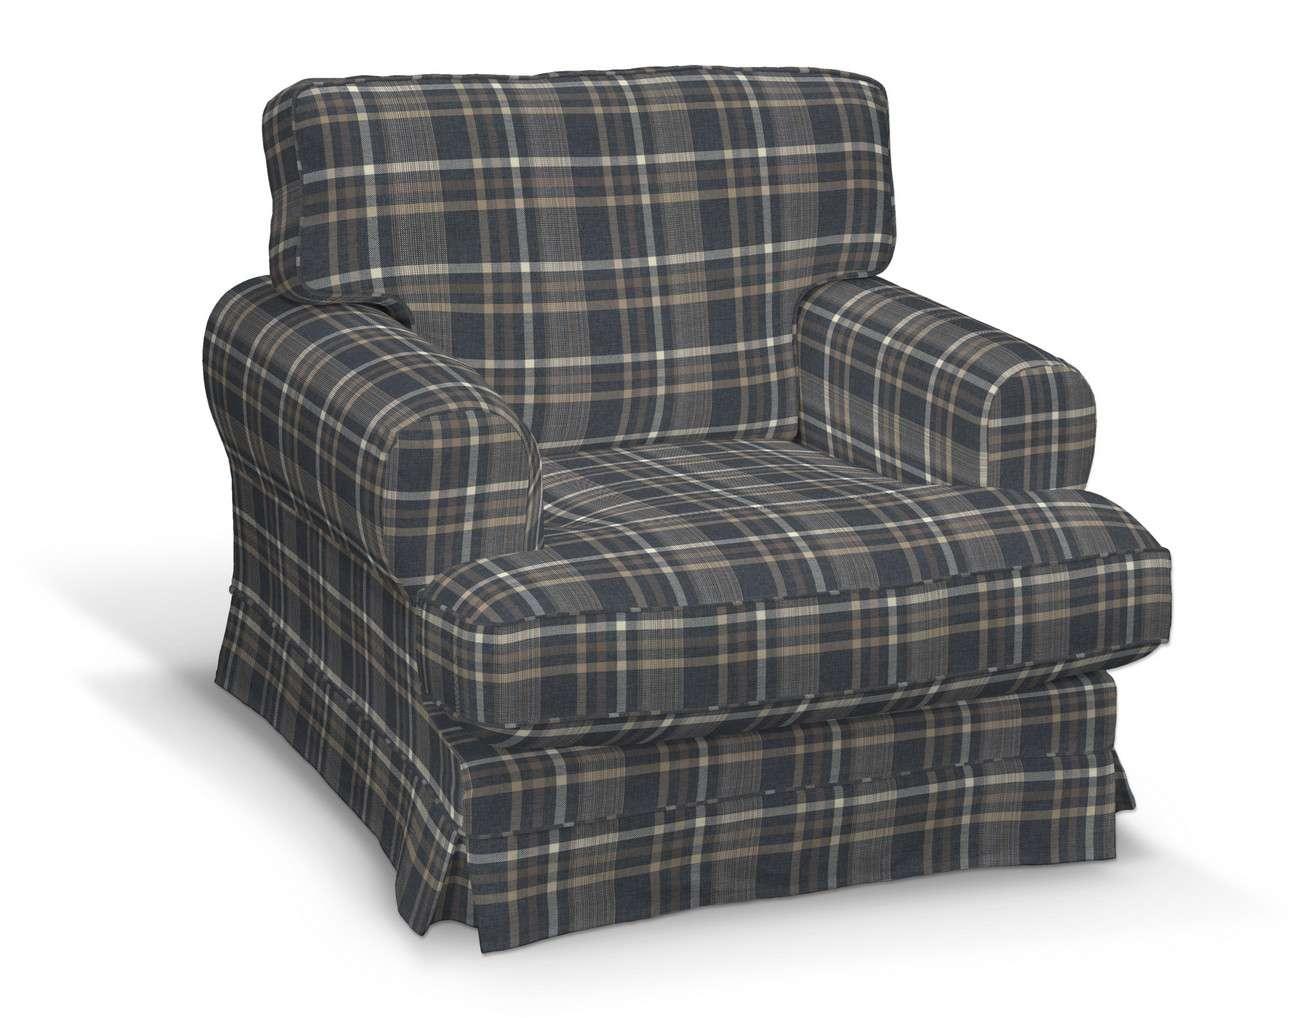 Ekeskog betræk lænestol fra kollektionen Edinburgh, Stof: 703-16